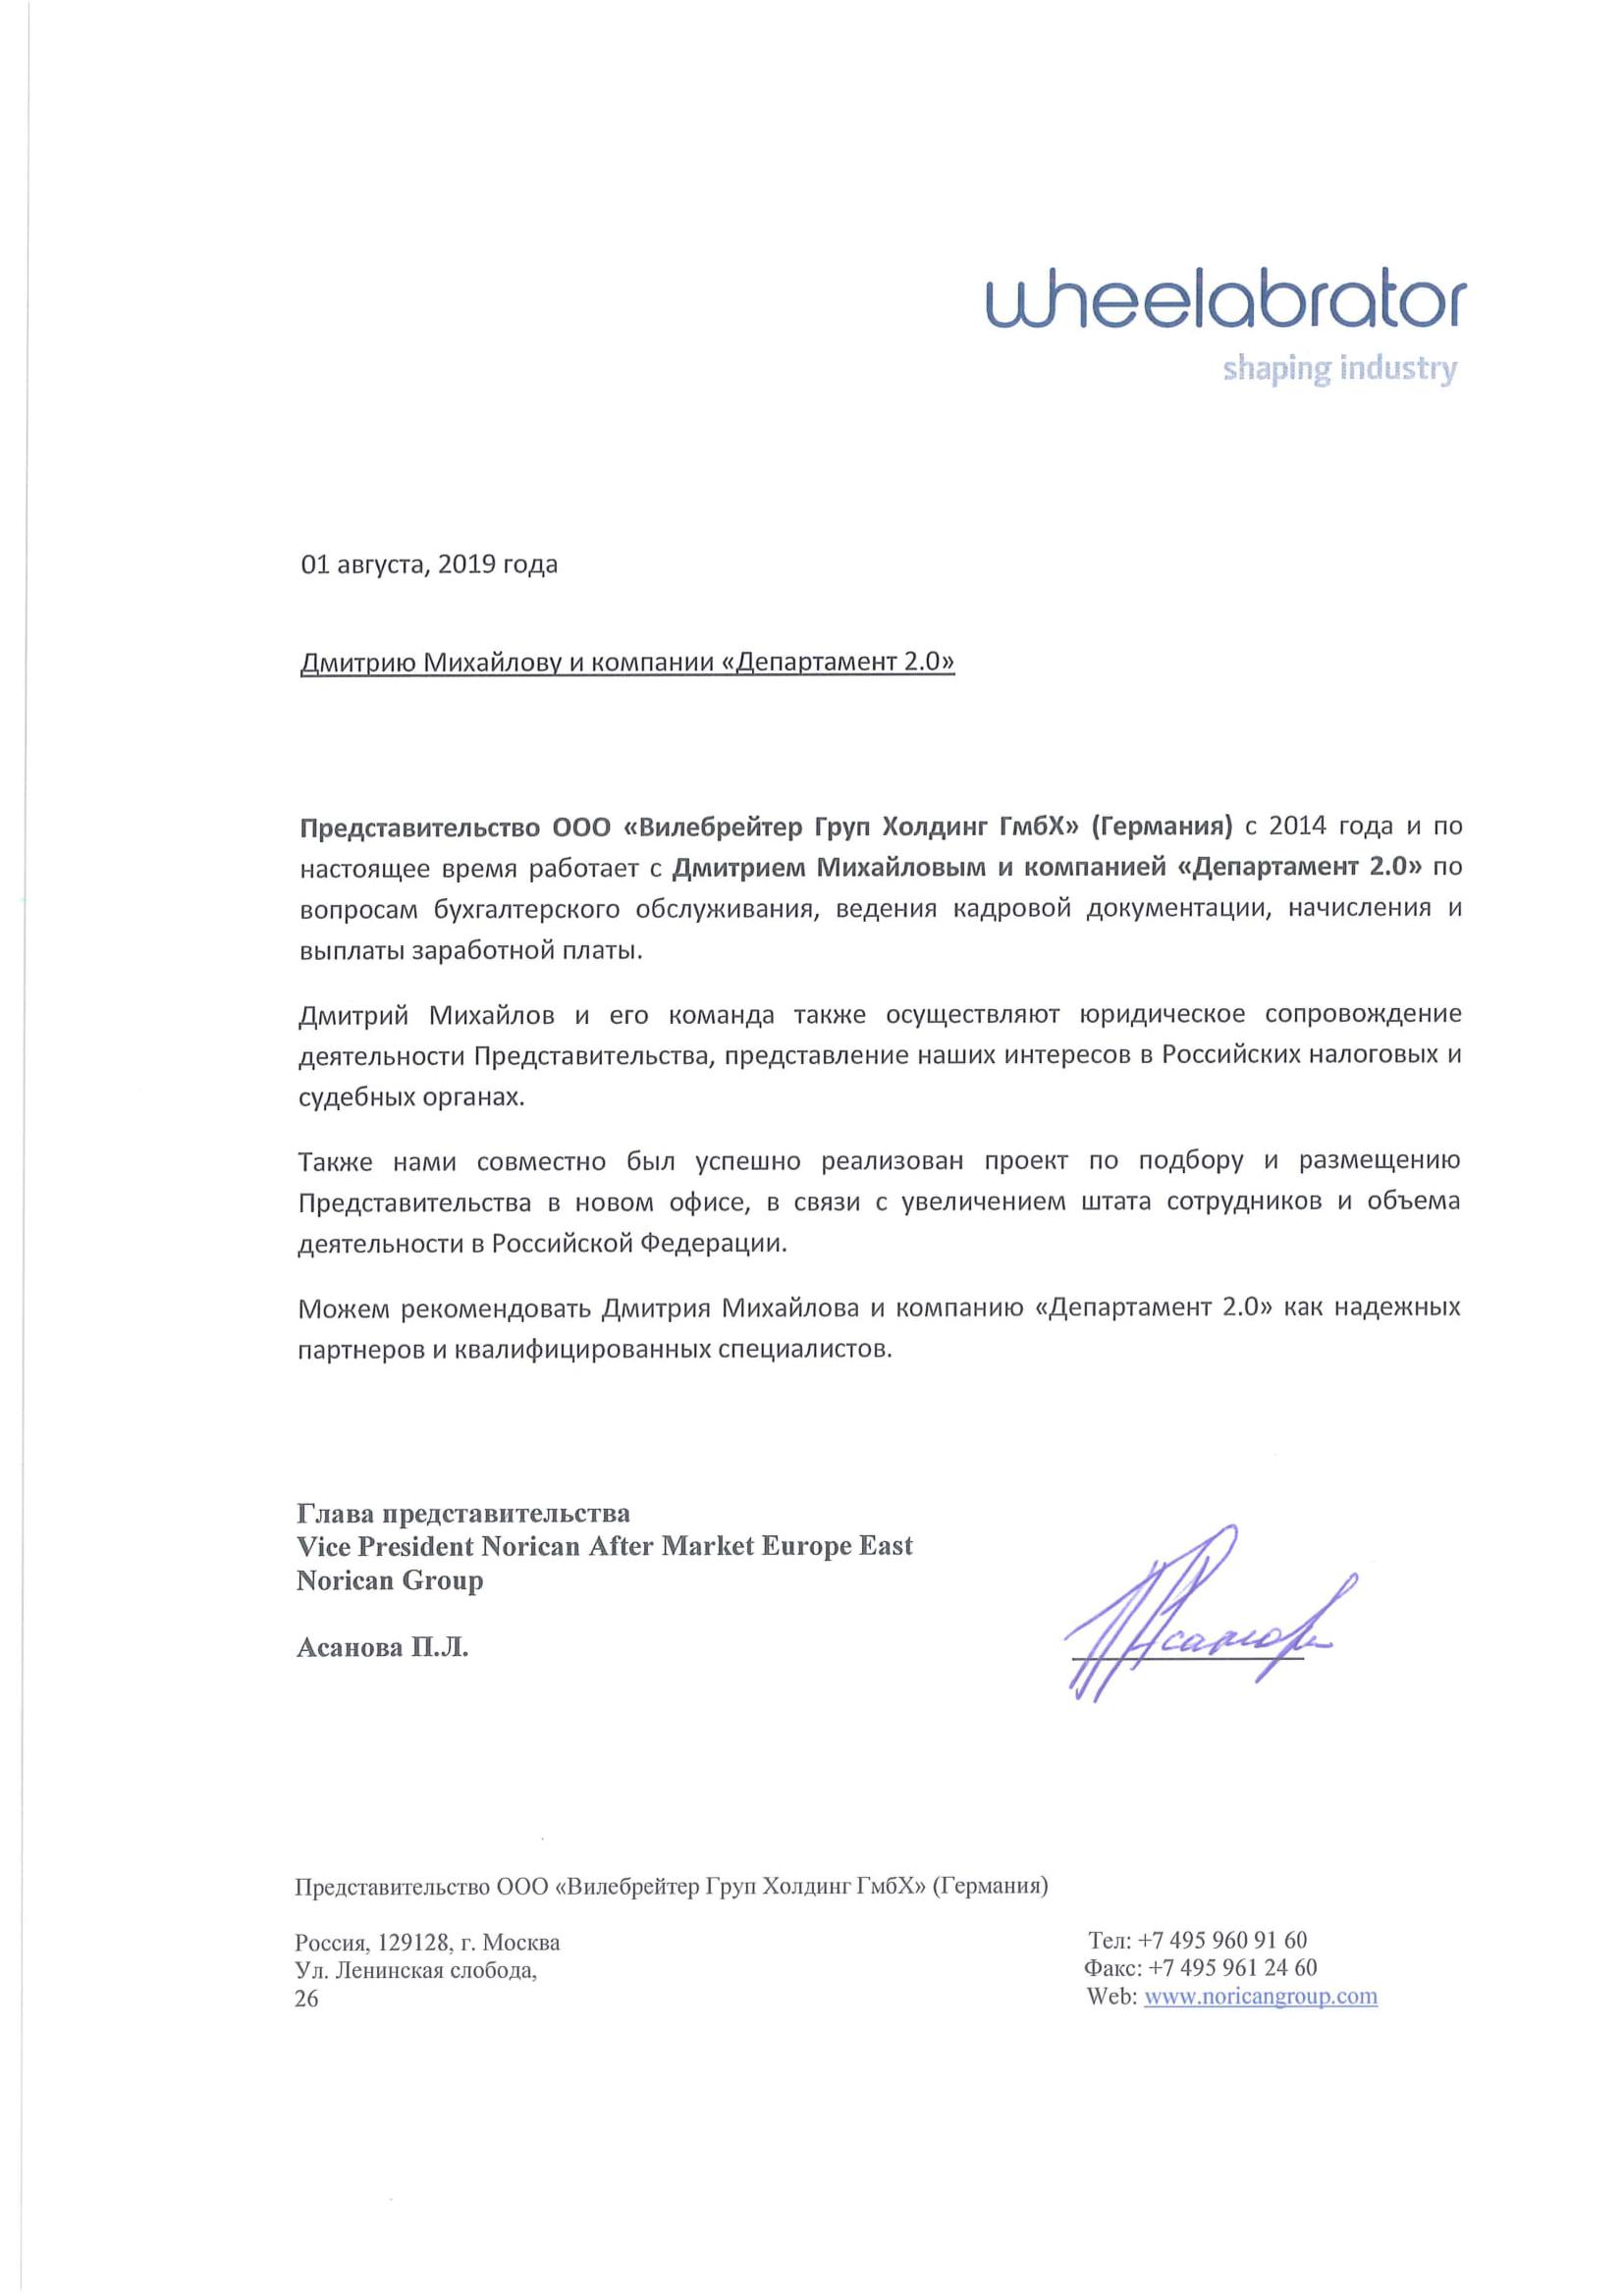 Letter_WG